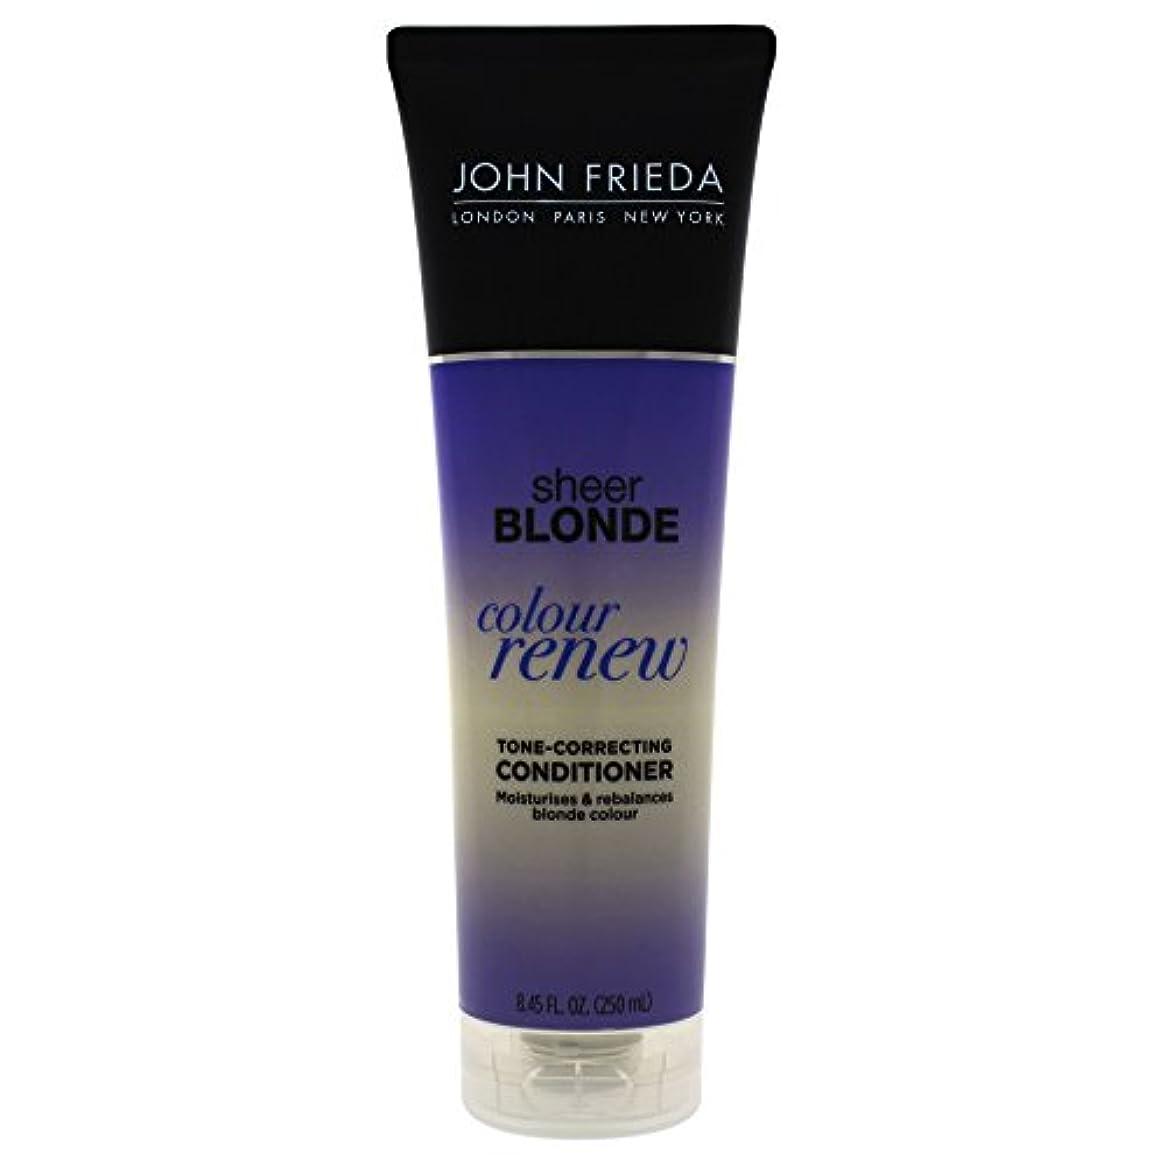 住居同情トレッドJohn Frieda Sheer Blonde Color Renew Tone Correcting Conditioner, 8.45 Ounce by John Frieda